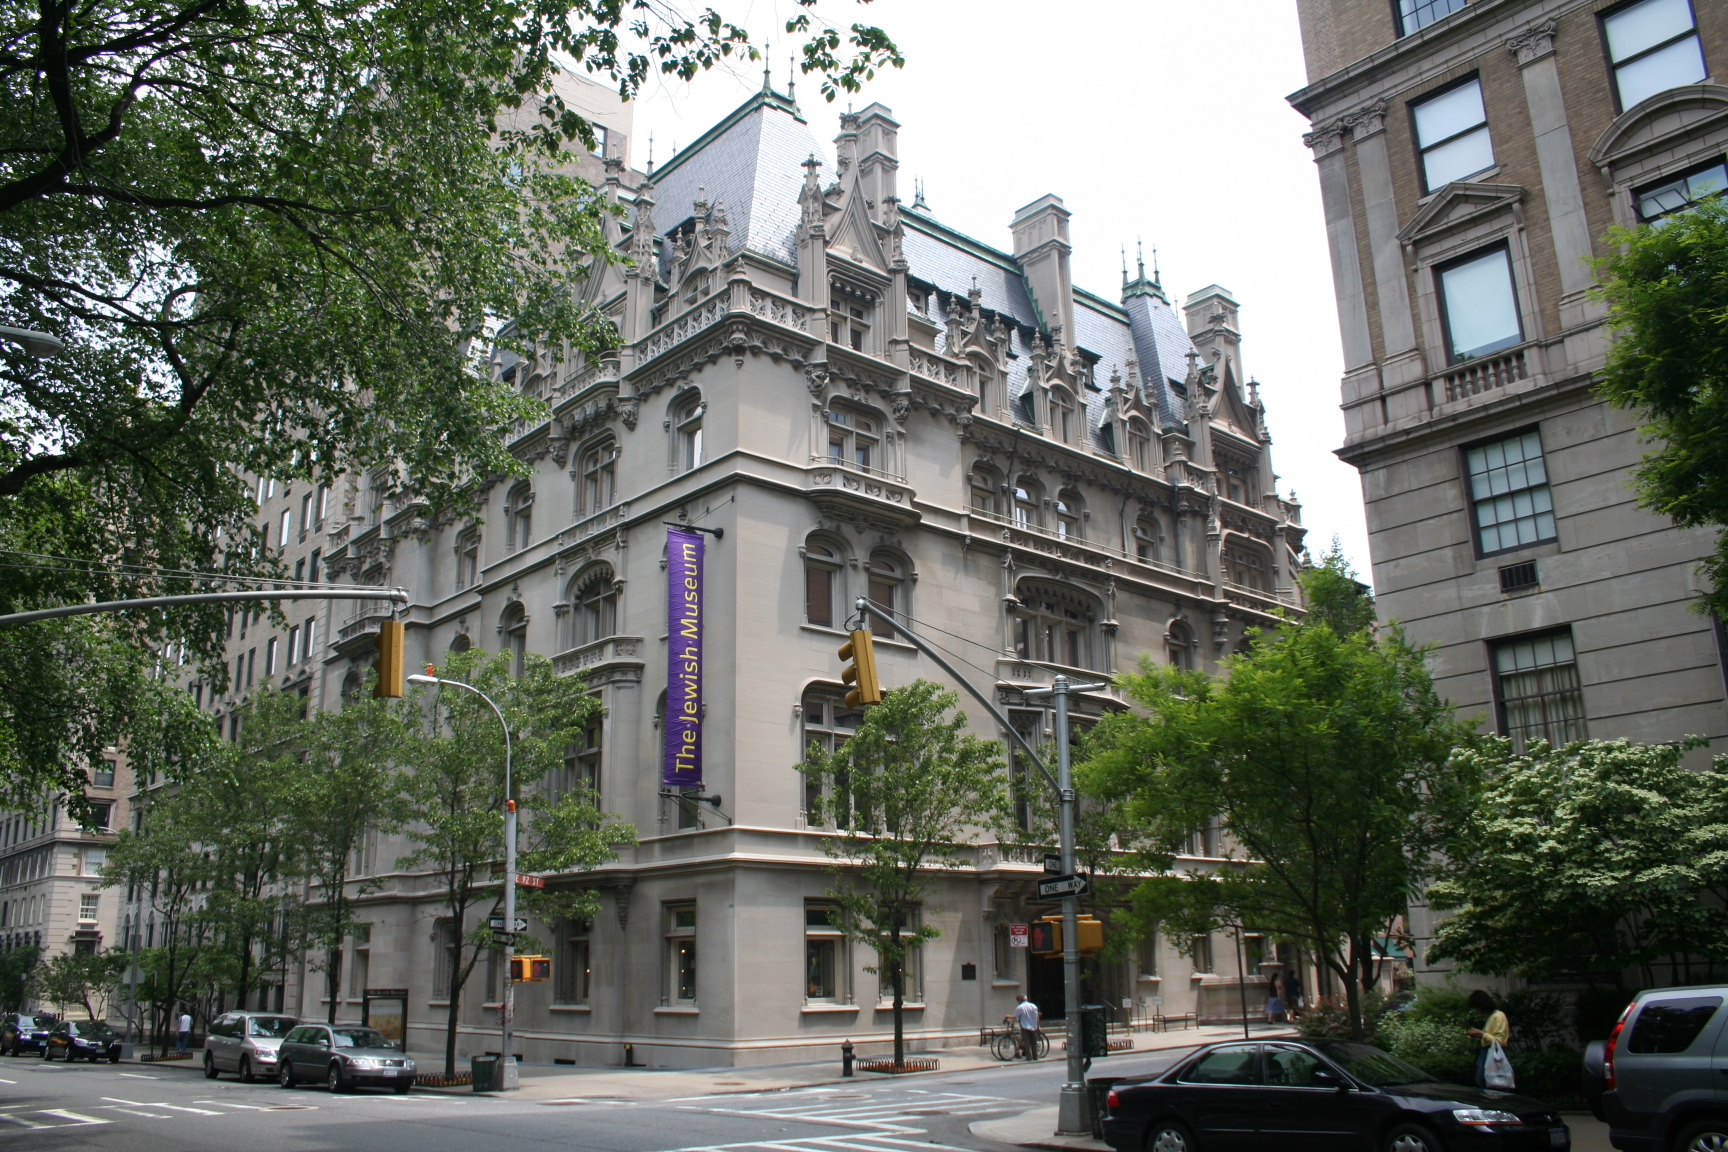 Un museo judío de Nueva York recibió llamadas antisemitas